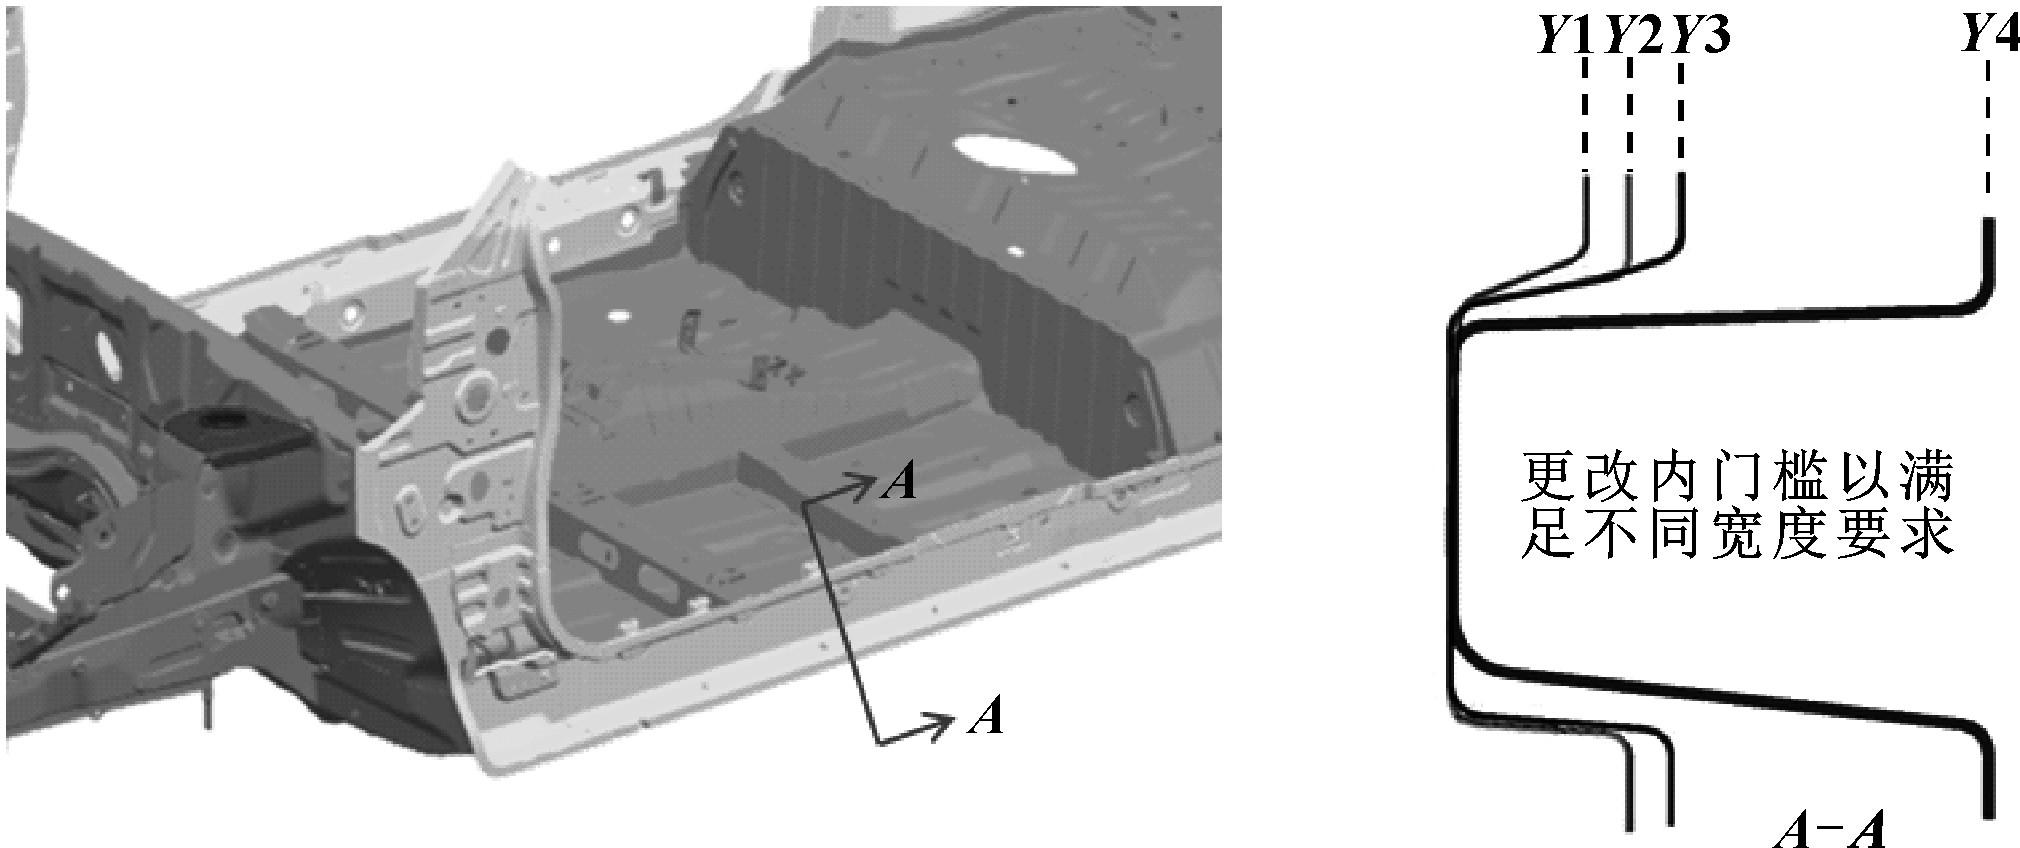 图3 前地板门槛宽度